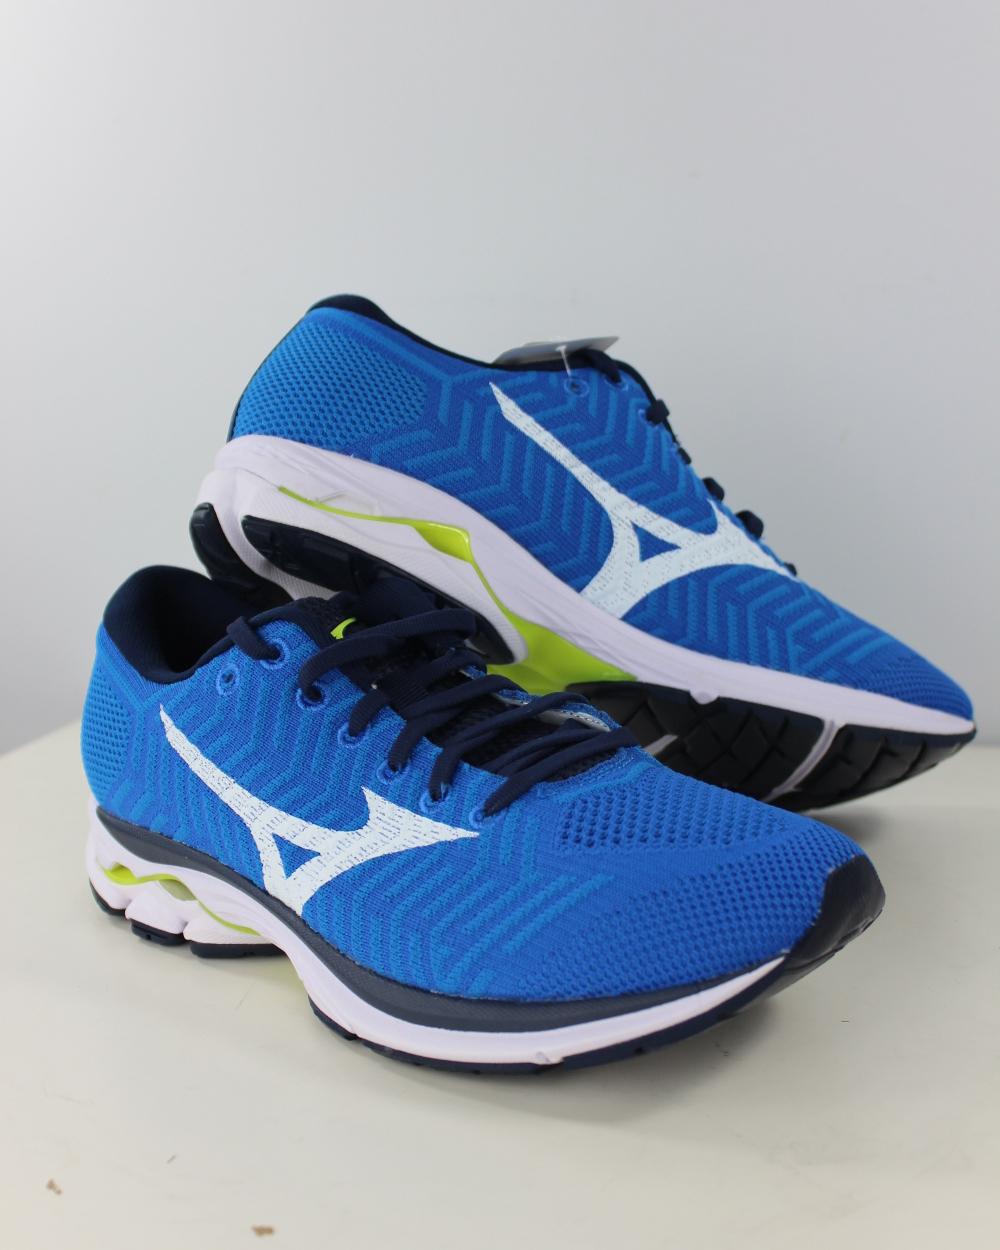 Mizuno SportSchuhe LaufSchuhe Turnschuhe Turnschuhe Turnschuhe Running schuhe Trainers WAVEKNITR1 blau  | Am praktischsten  98c836